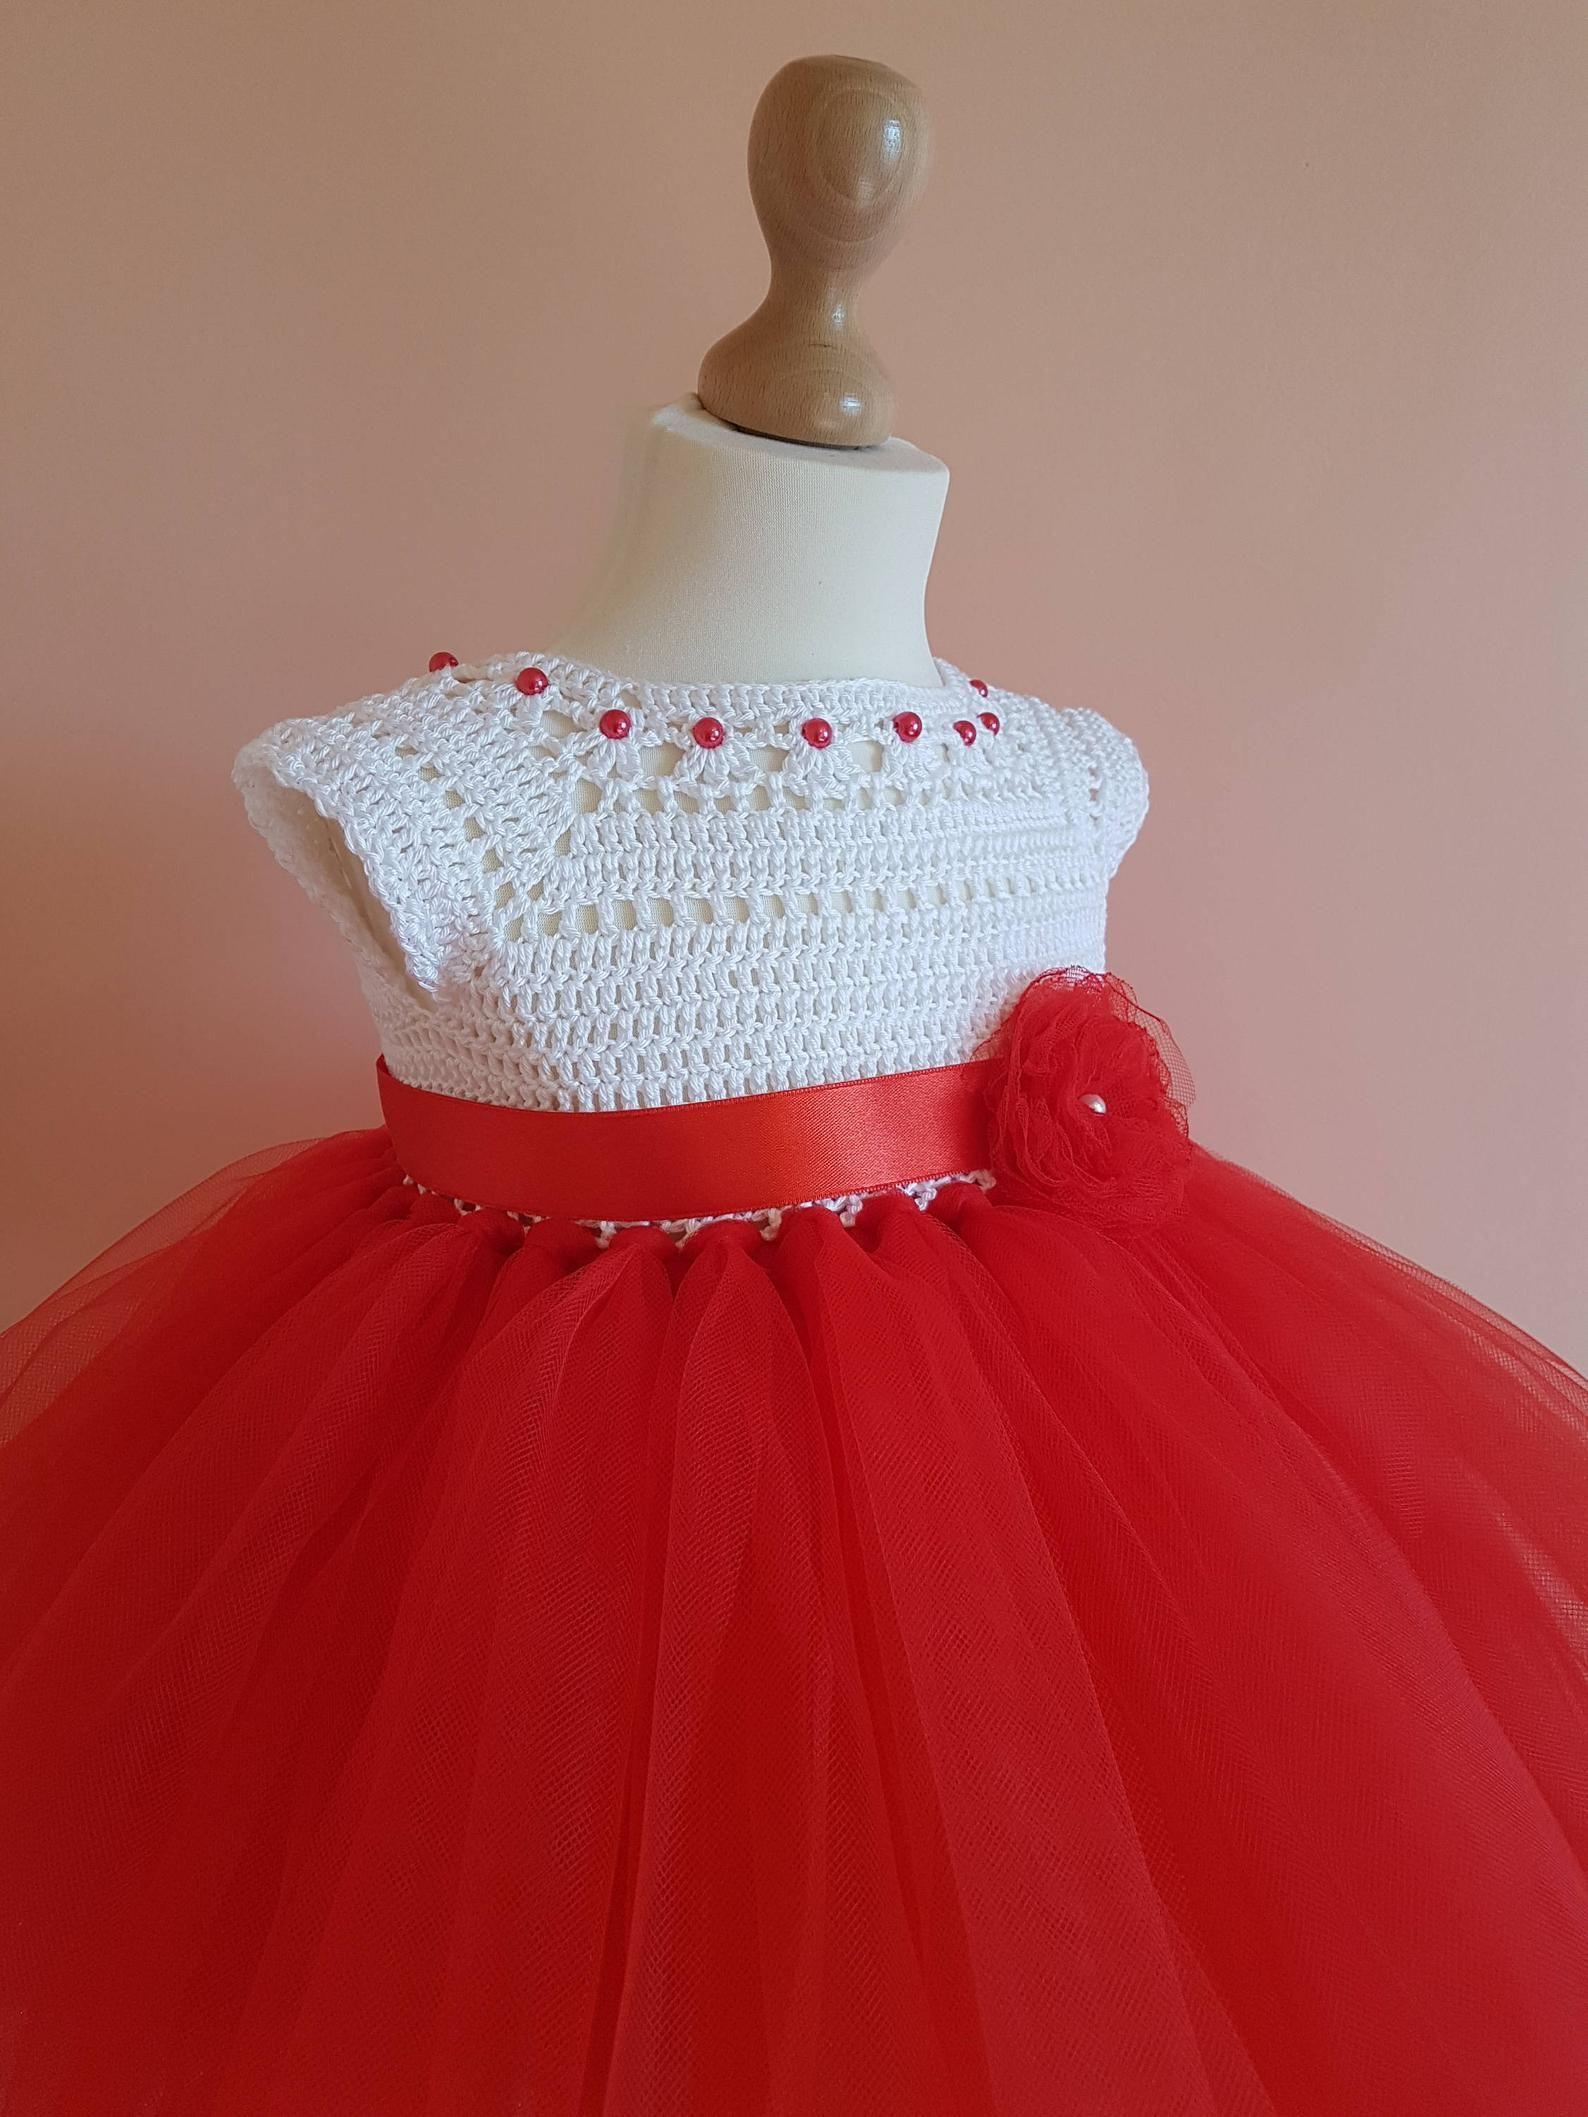 Weihnachten Tutu Kleid Rote Tutu Kleid Häkeln Kleid Häkeln